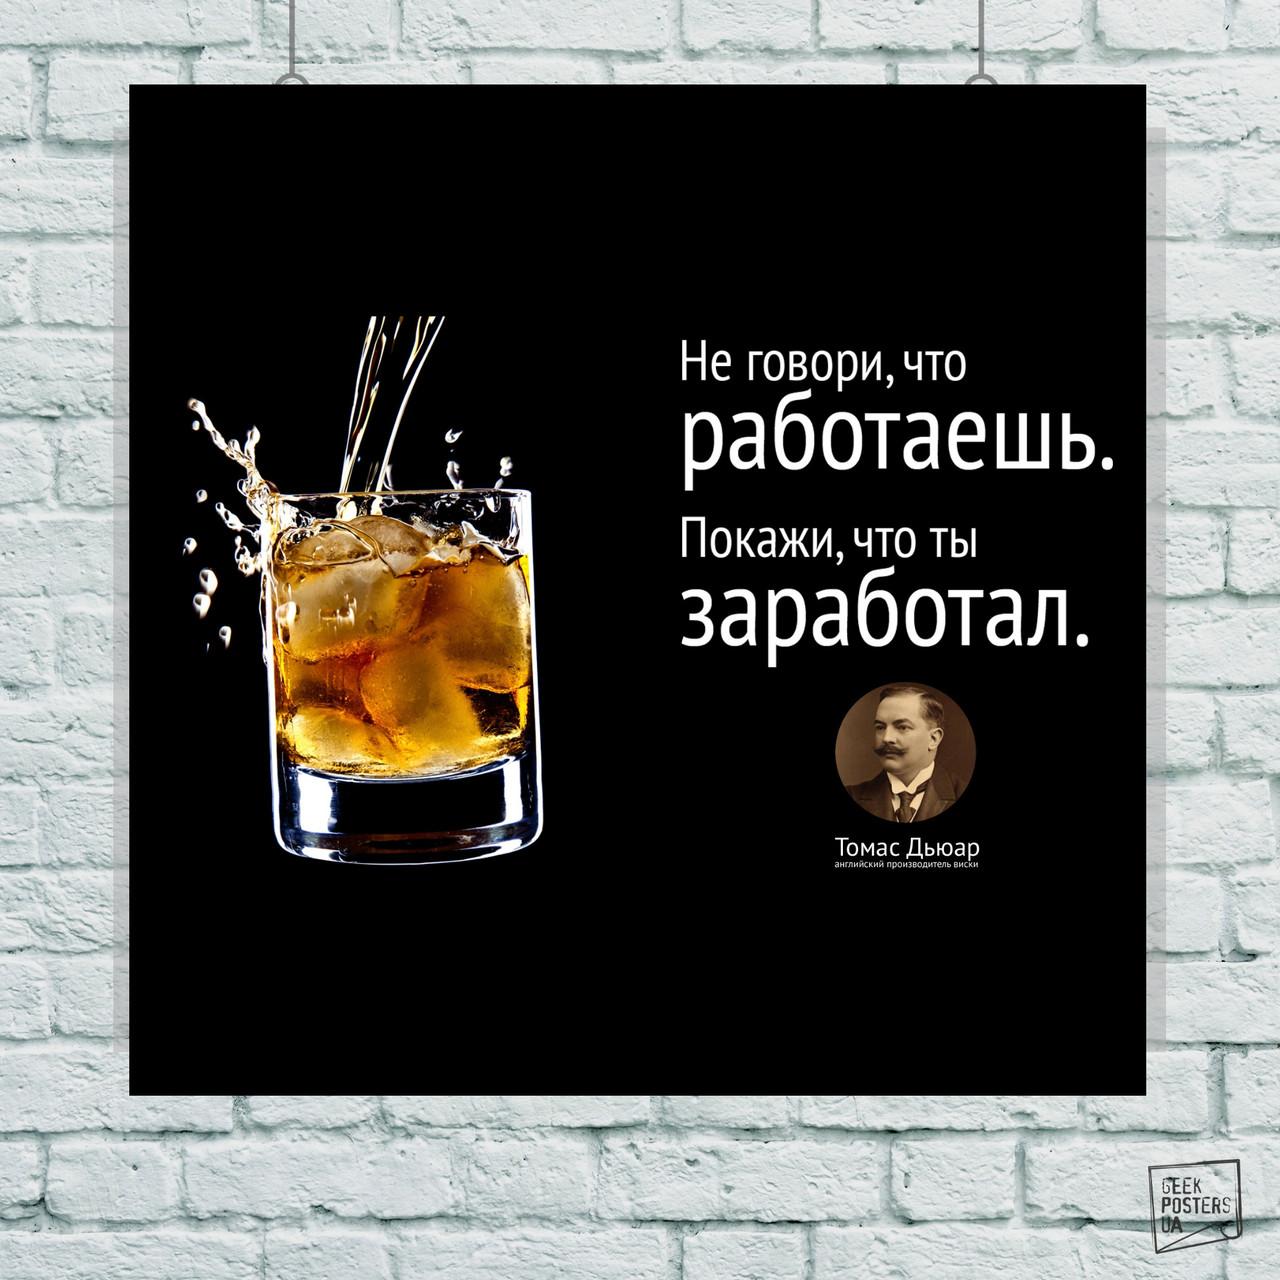 """Постер """"Не говори что работаешь… - Томас Дьюар"""". Мотивационный плакат. Размер 60x60см (A1). Глянцевая бумага"""